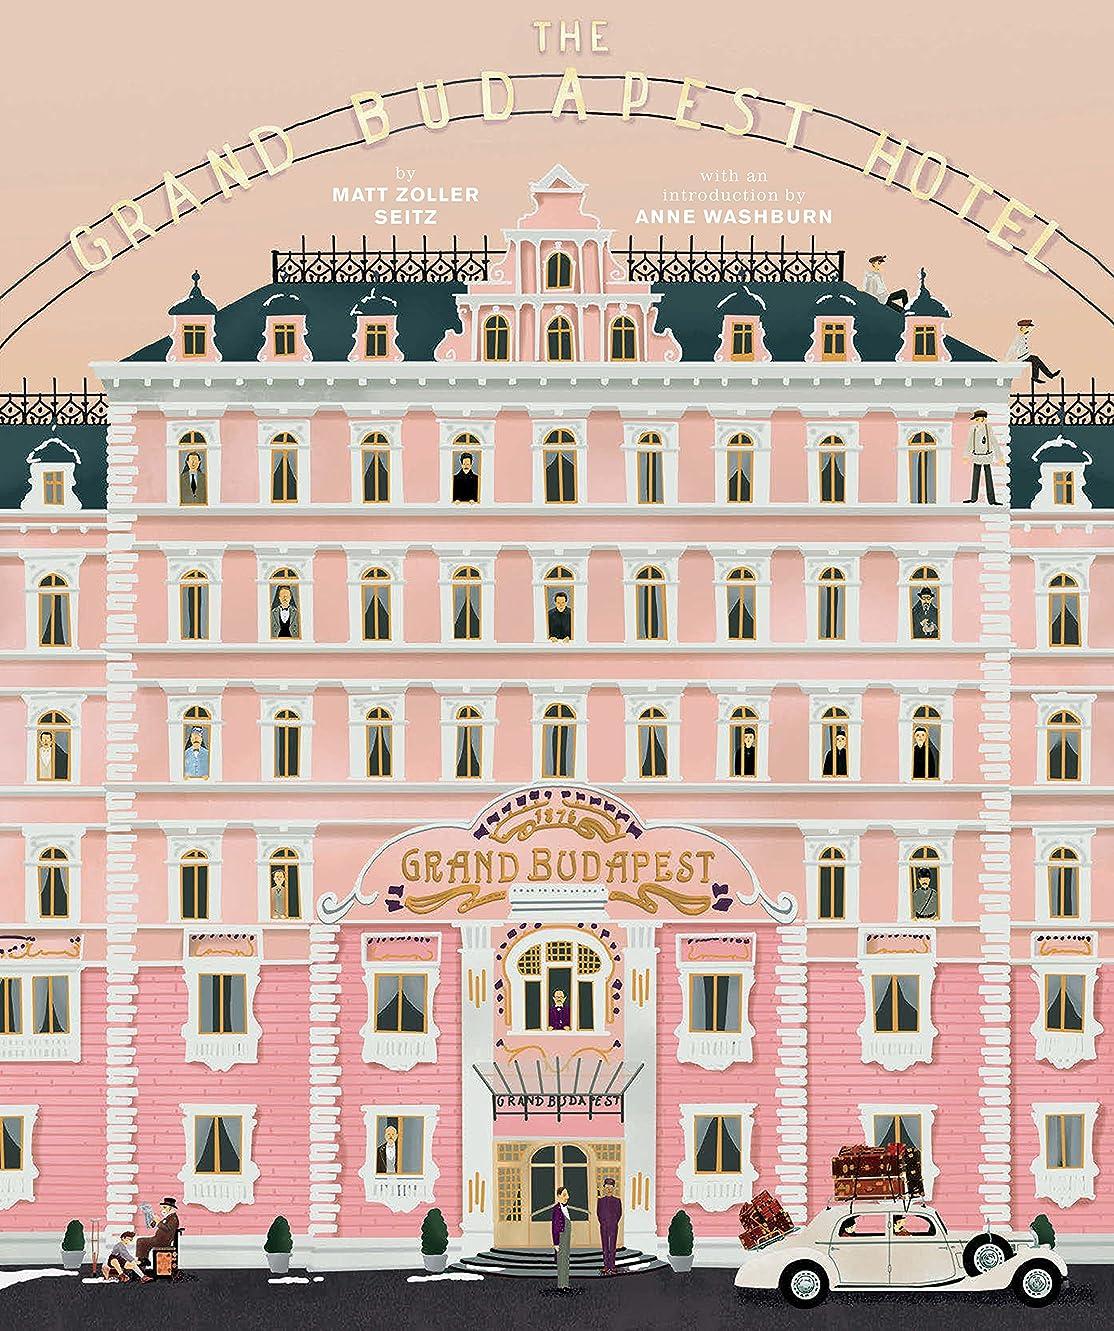 小説労働甘美なThe Wes Anderson Collection: The Grand Budapest Hotel (English Edition)